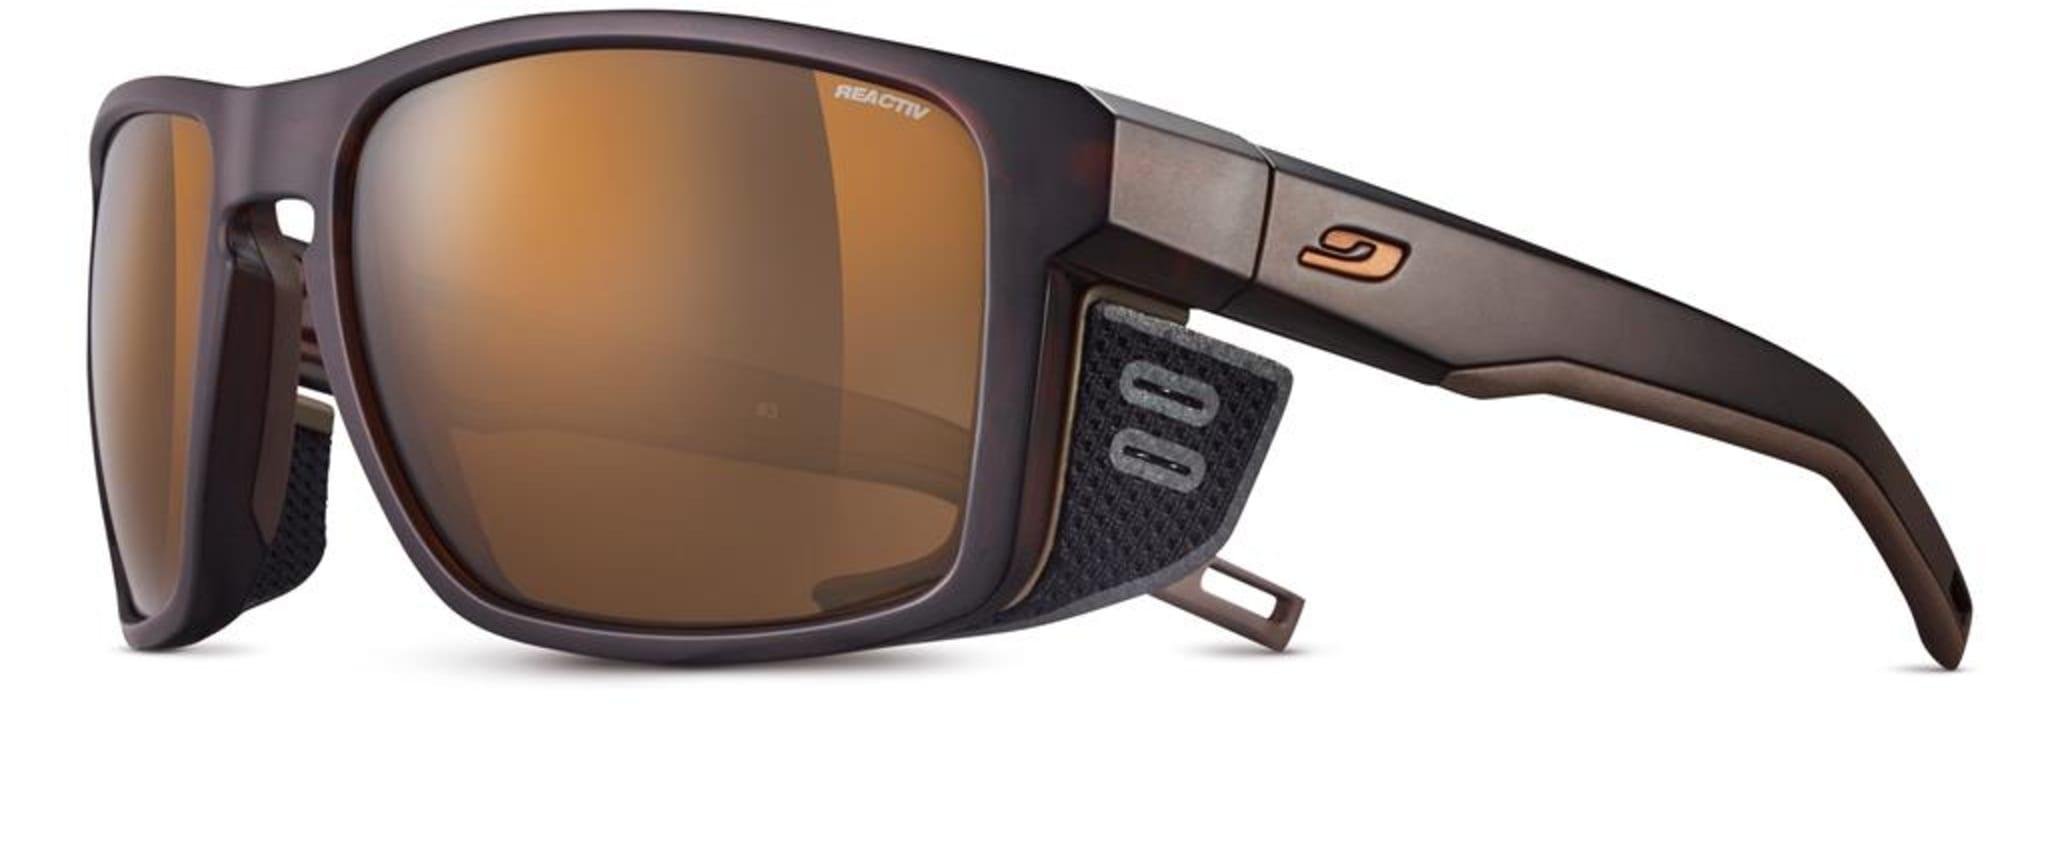 Stilig og teknisk brille til folk i farta i høyfjellet